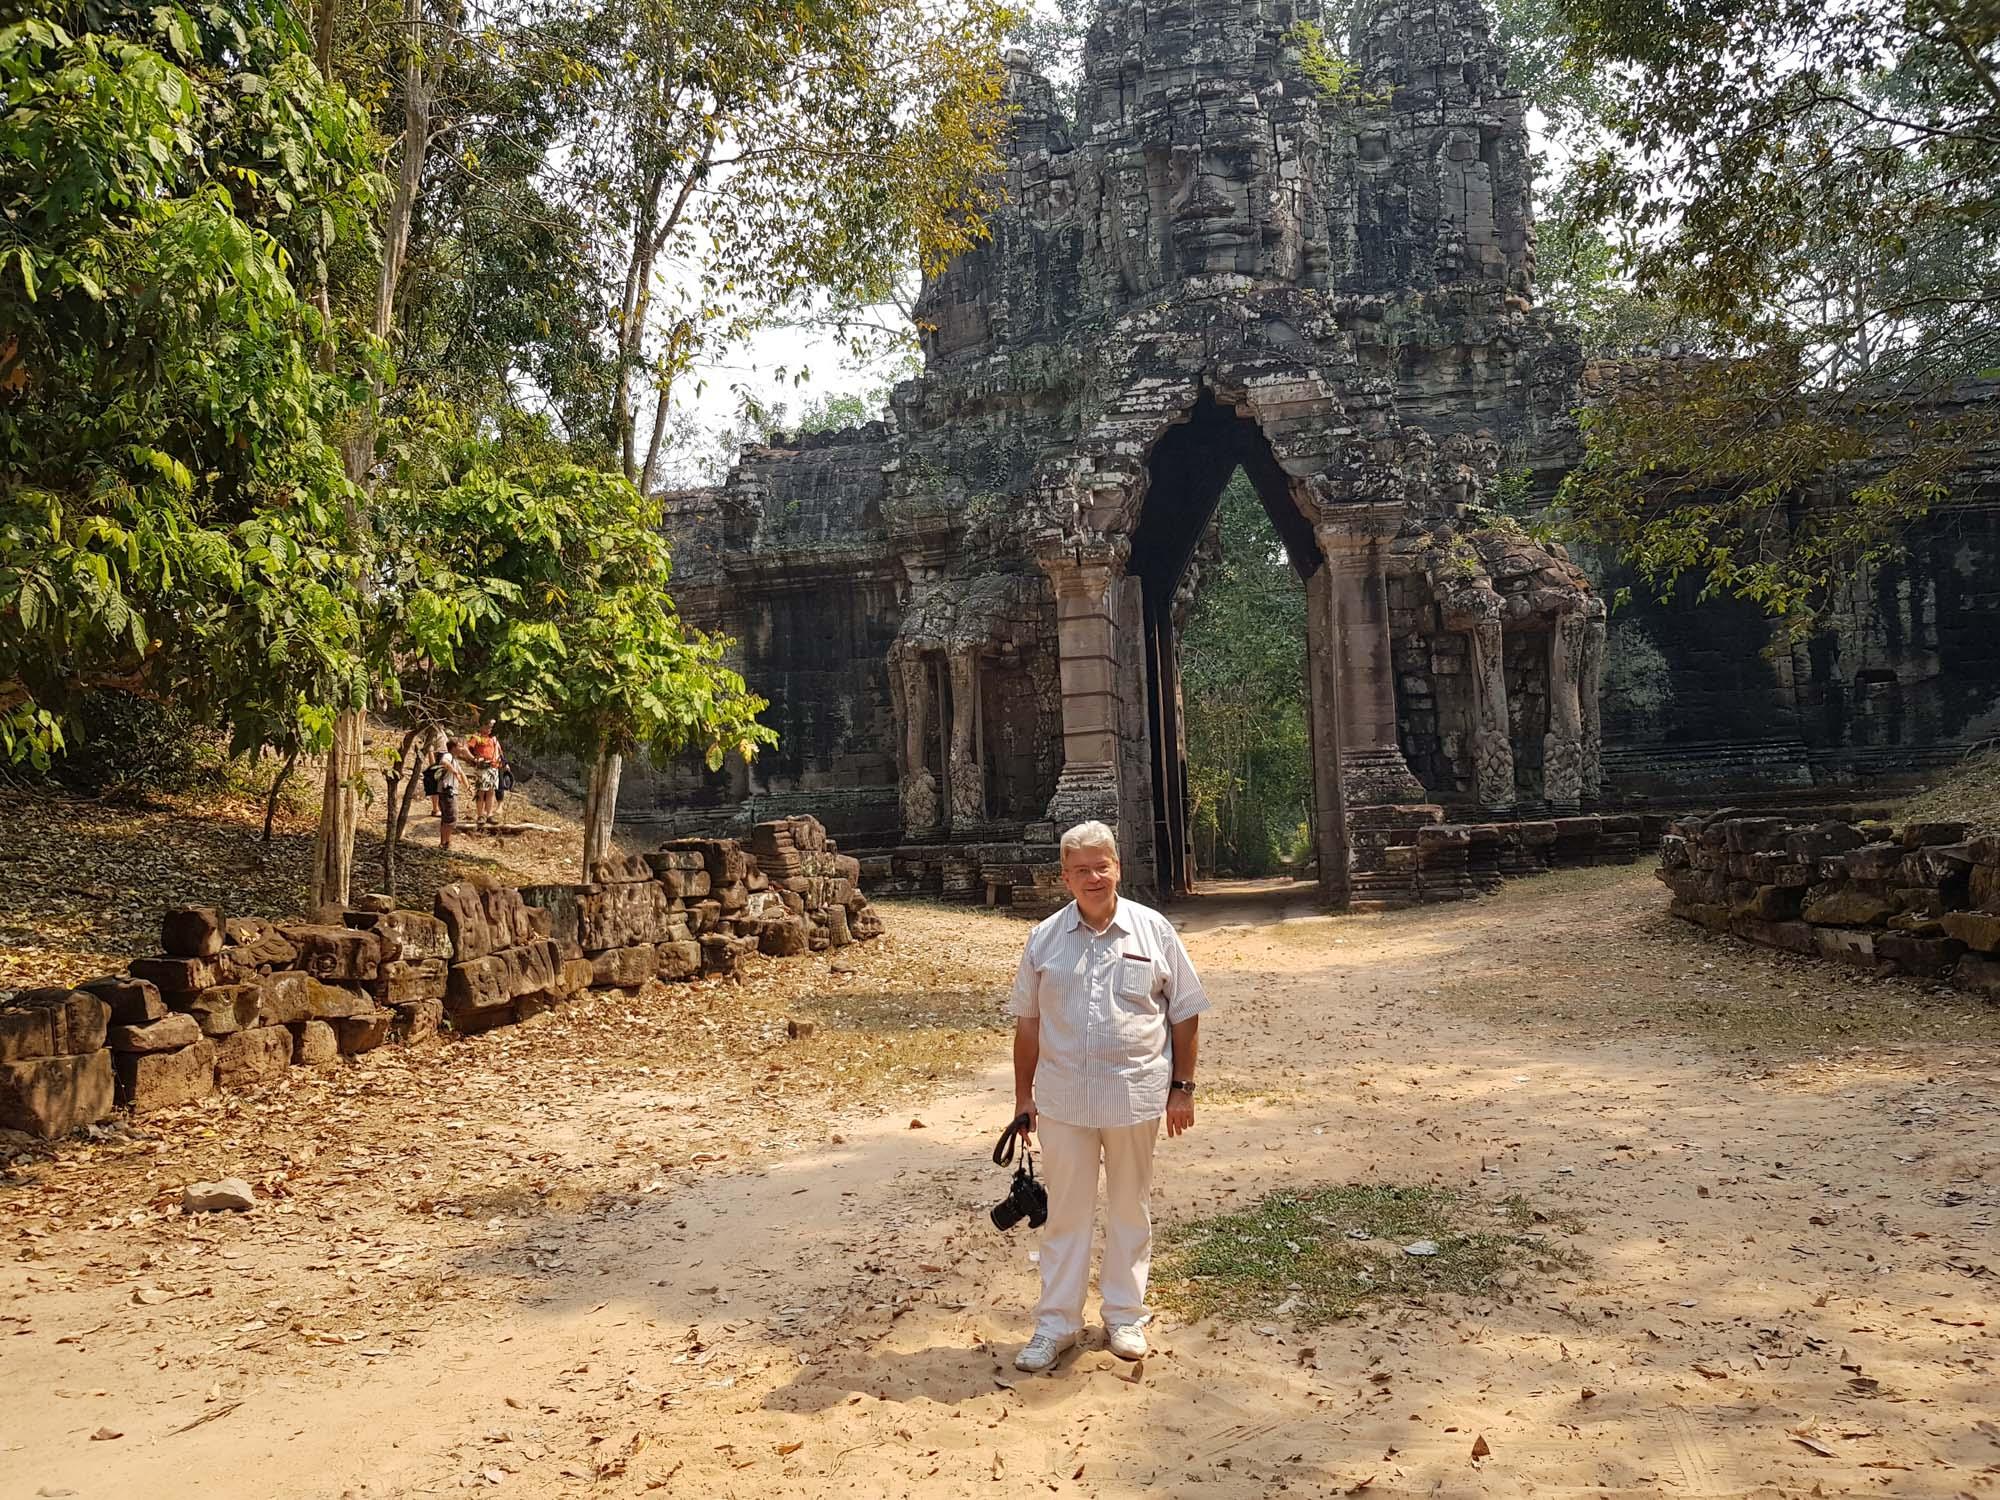 Peter Jurgilewitsch in Angkor Wat/Kambodscha